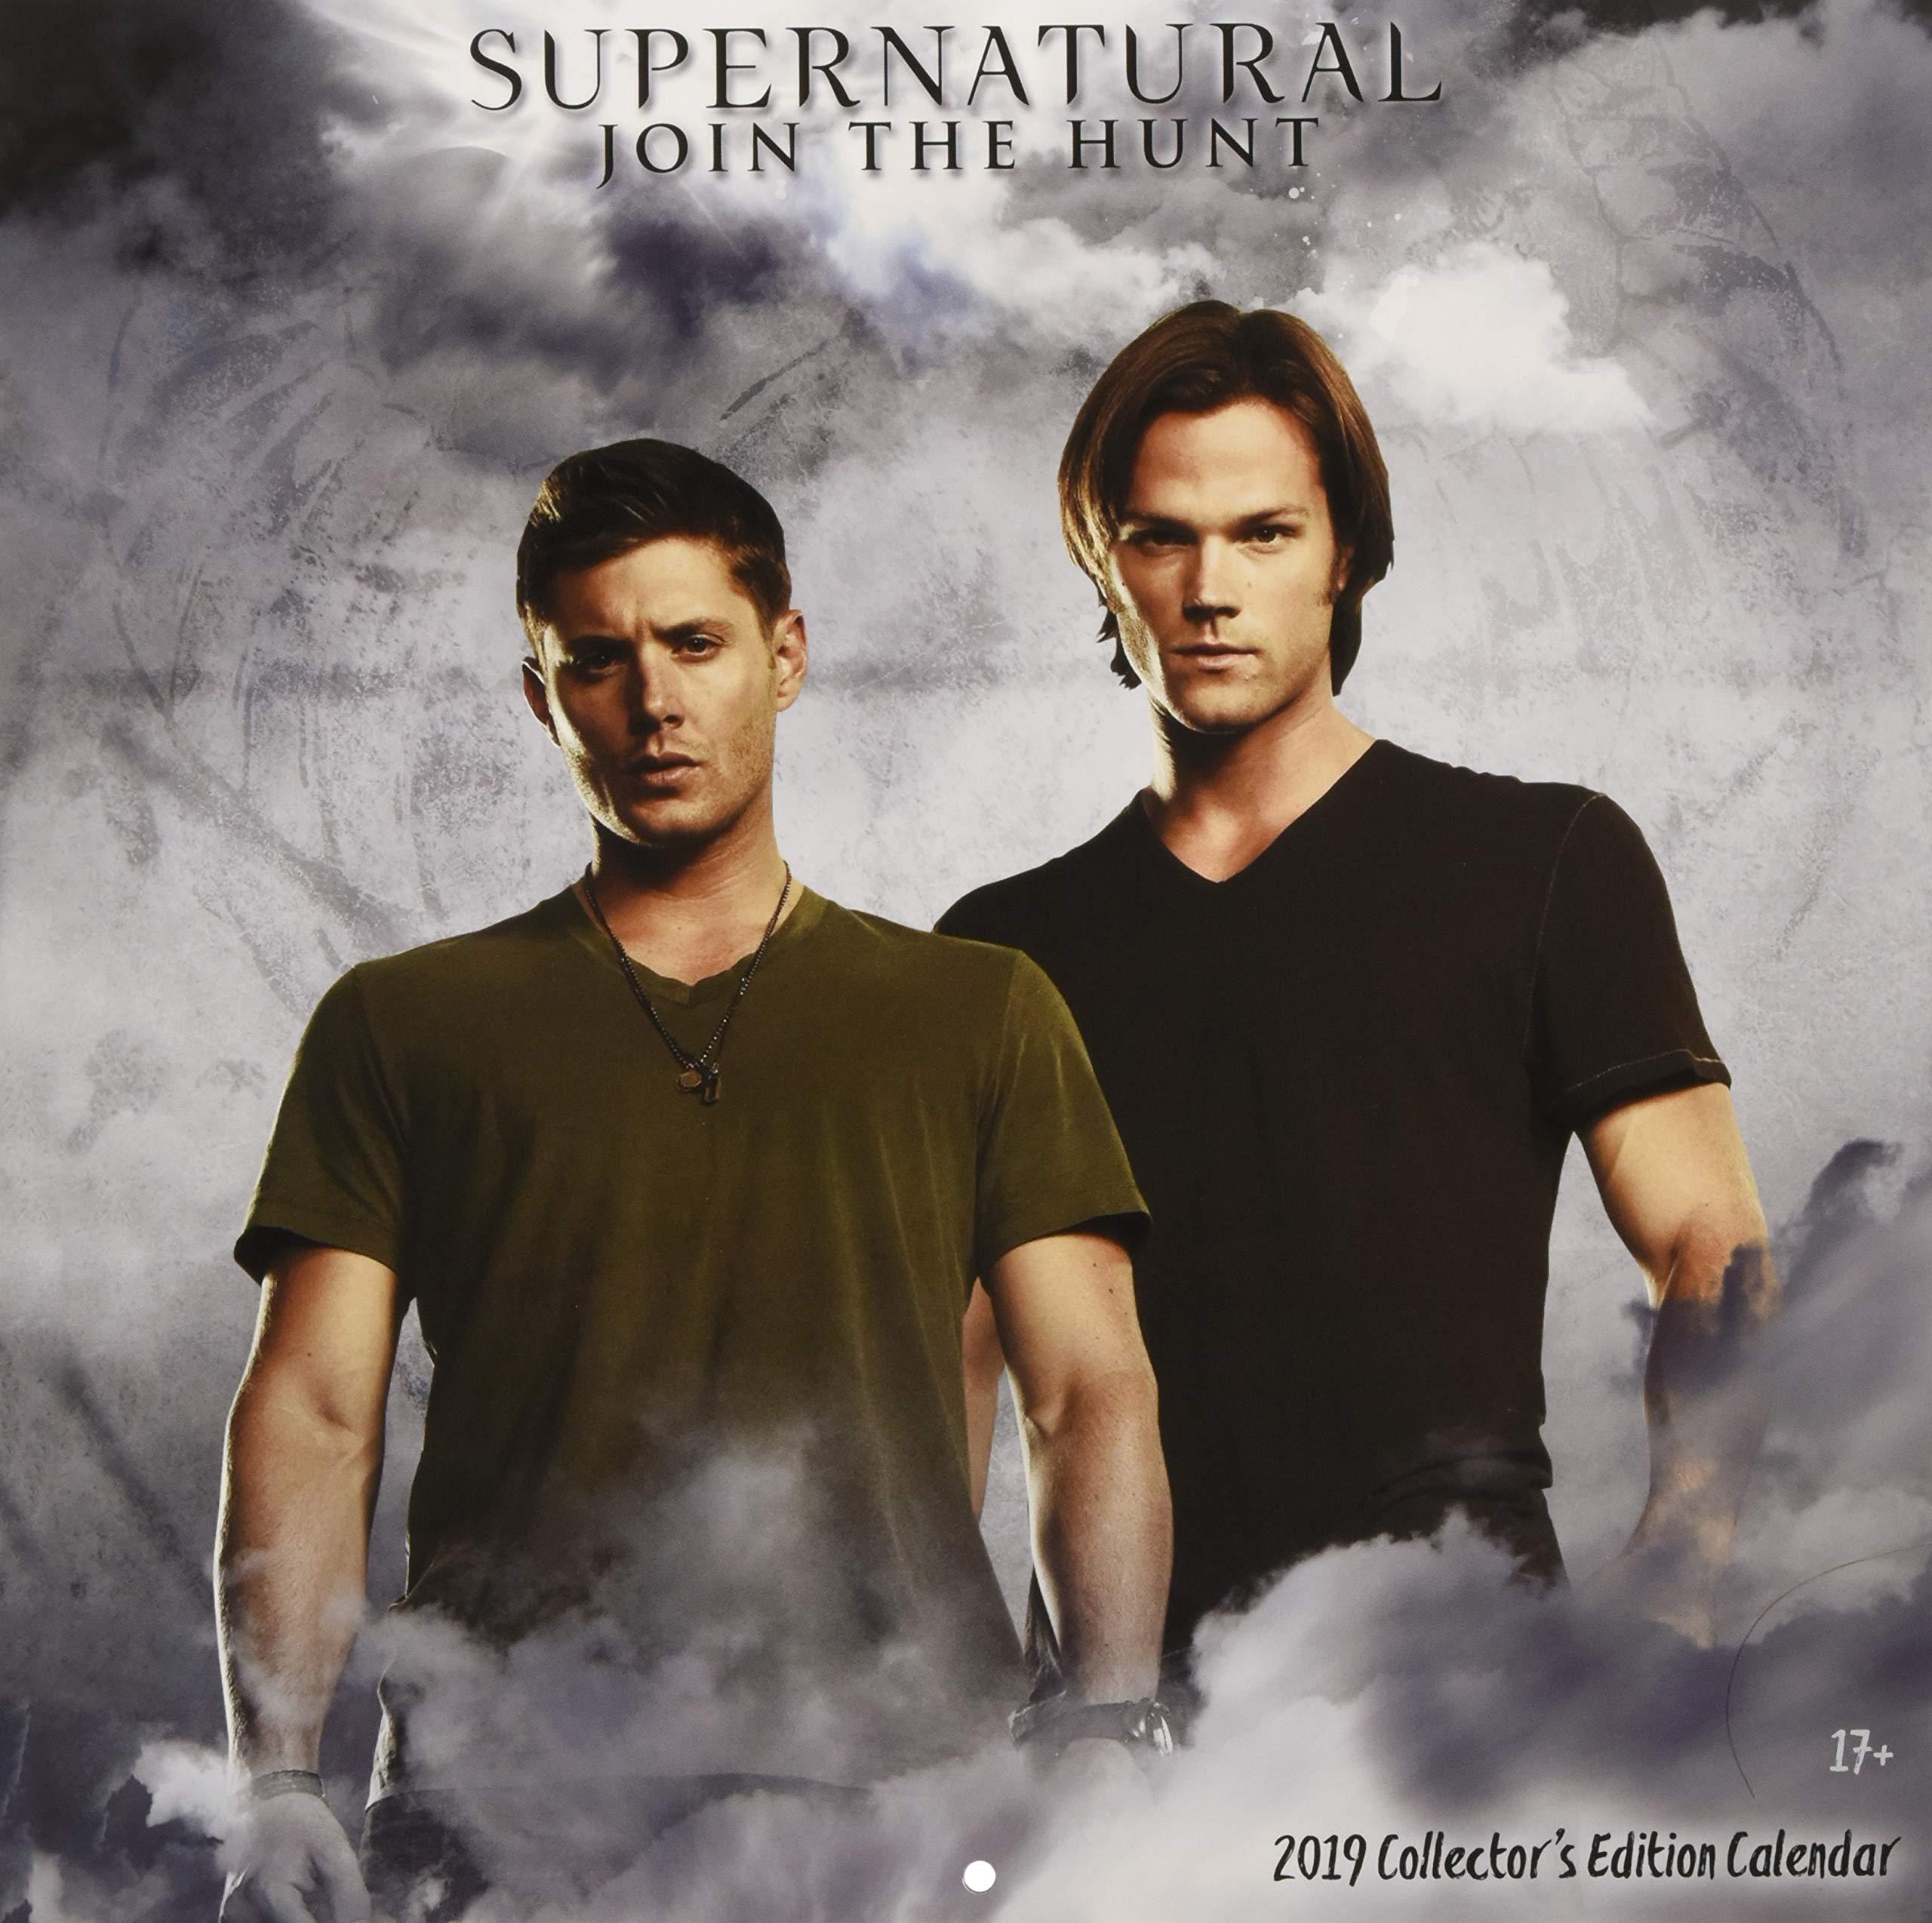 supernatural 2018 collectors edition calendar